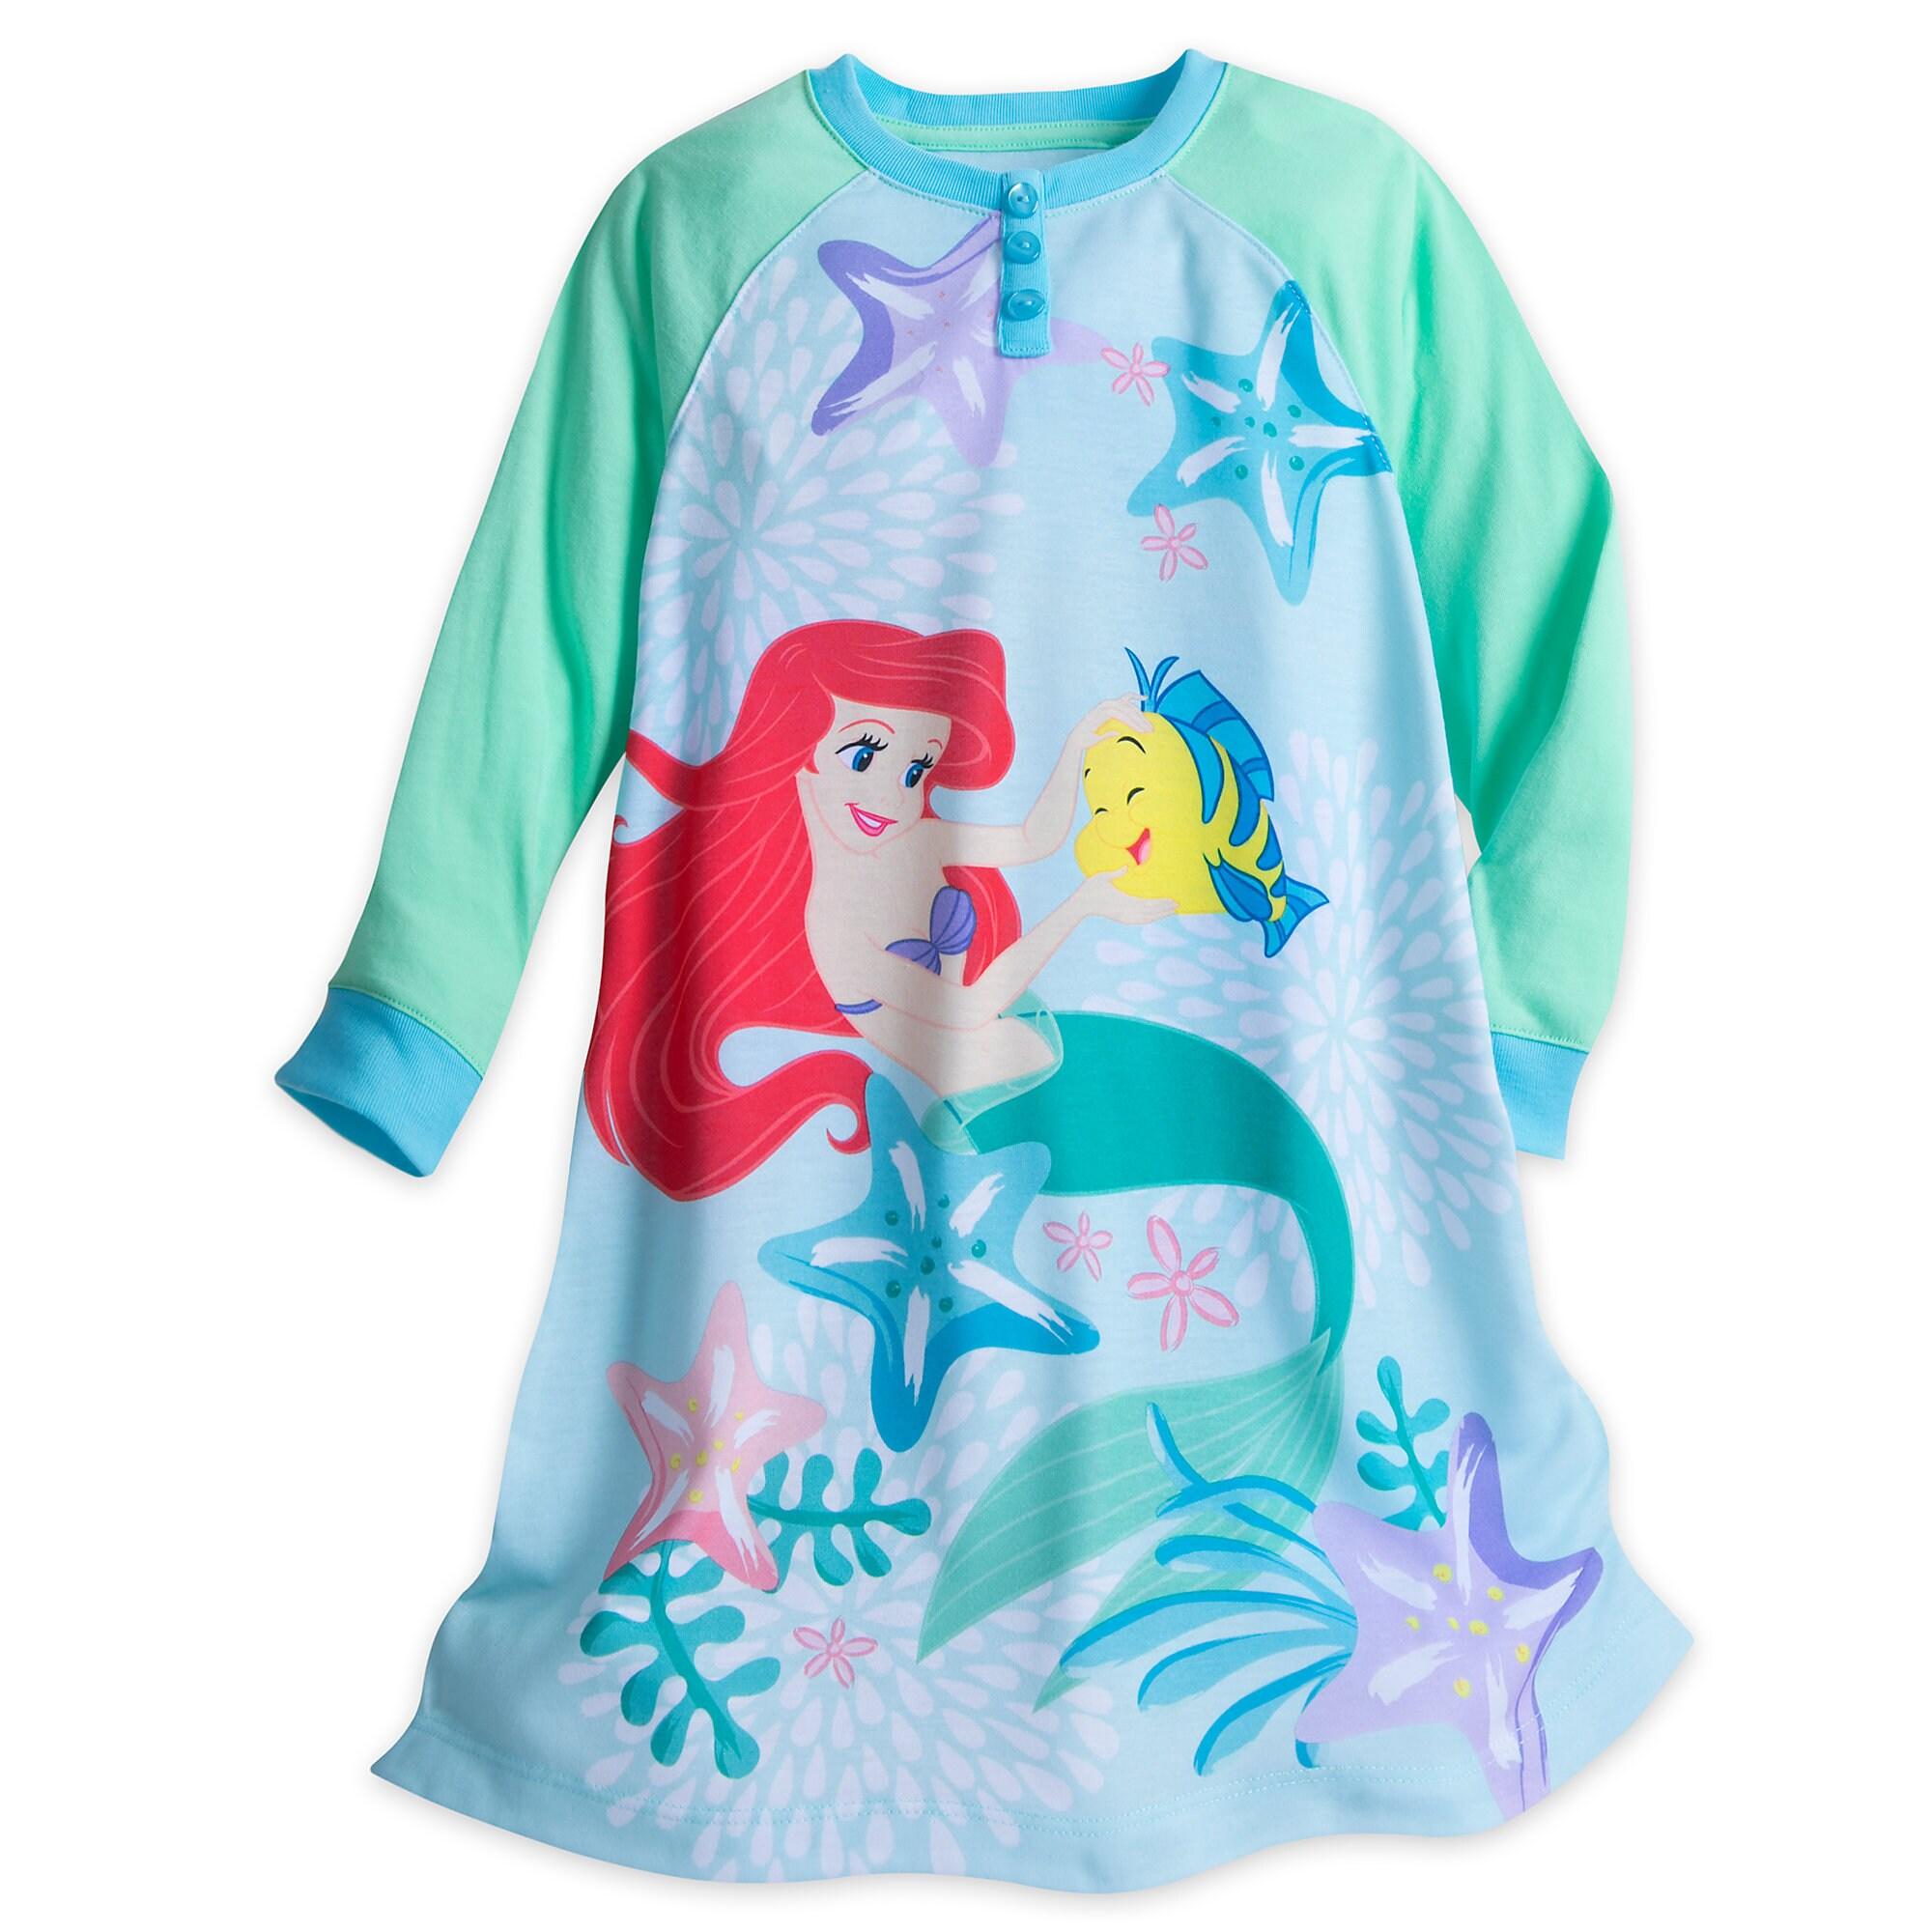 Ariel Nightshirt for Kids